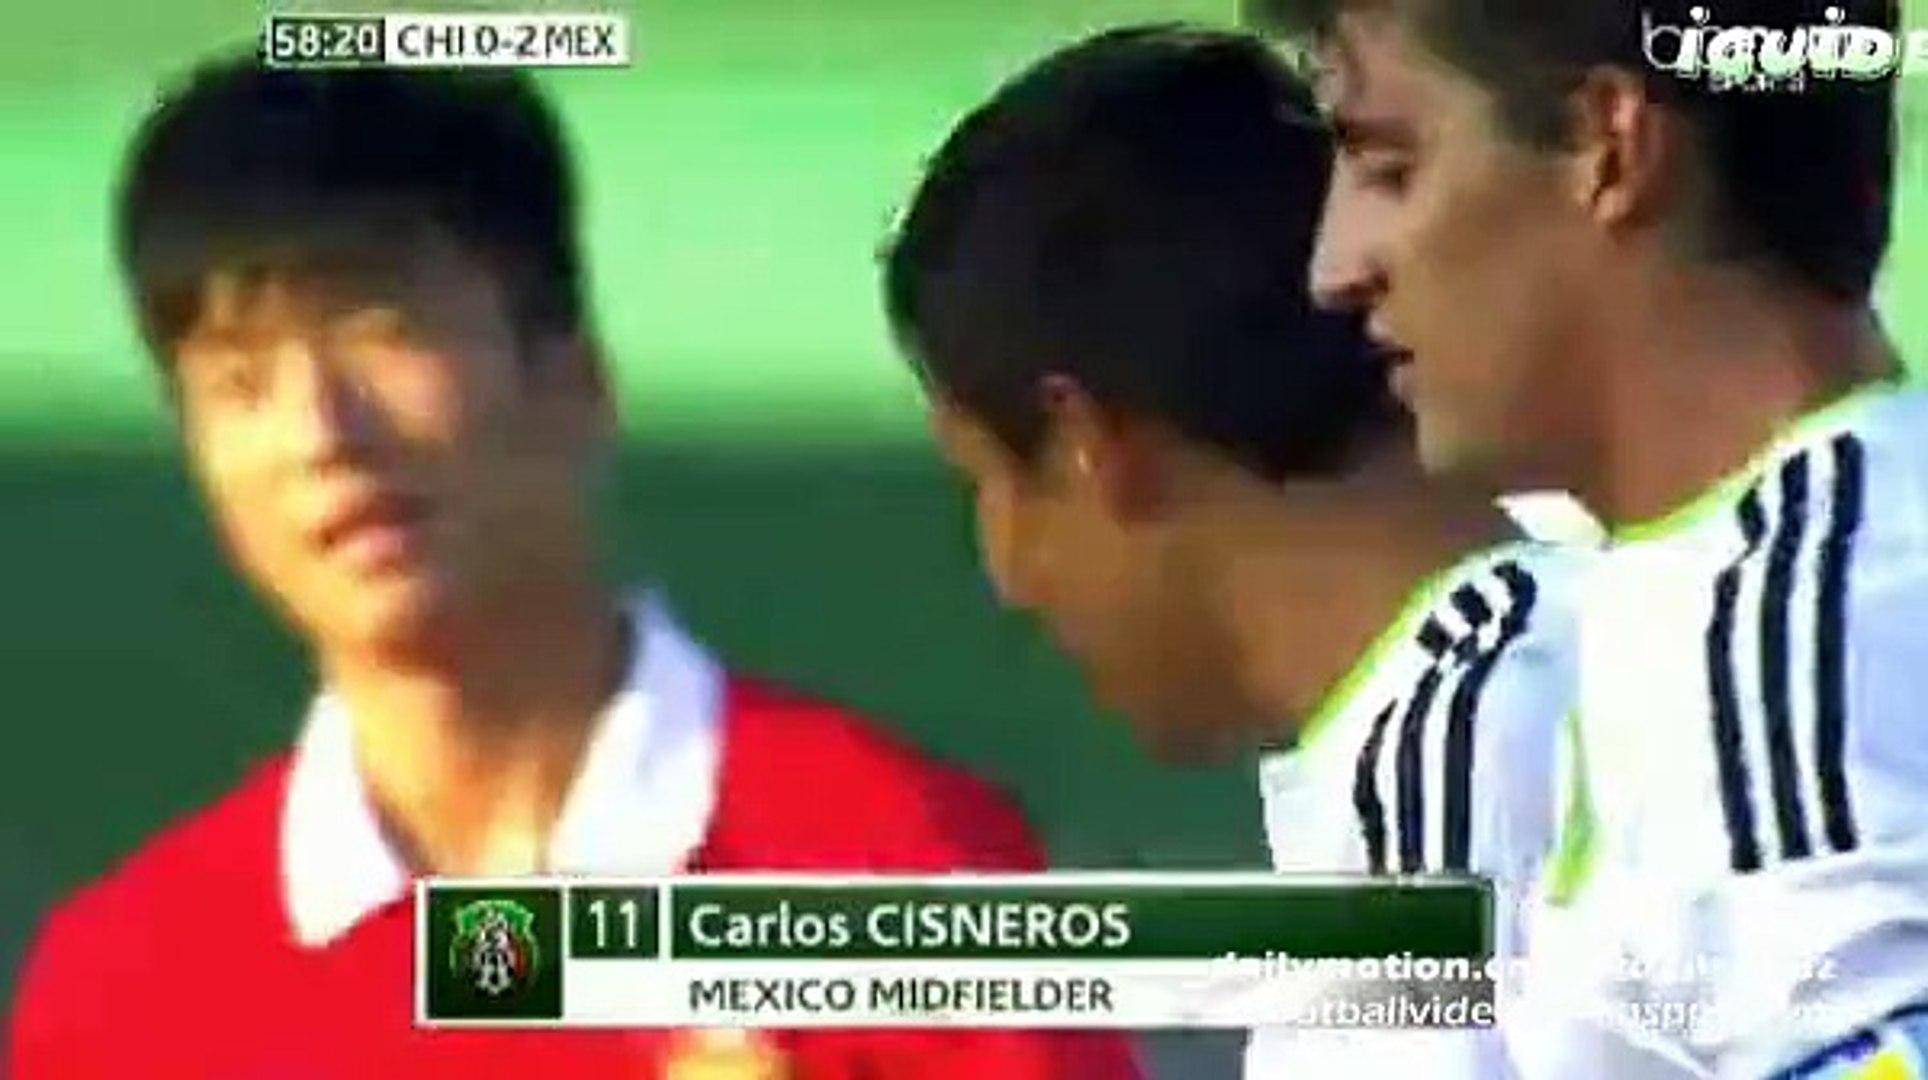 Carlos Cisneros Second Goal 0:2 | China U20 vs Mexico U20 Toulon 01.06.2015